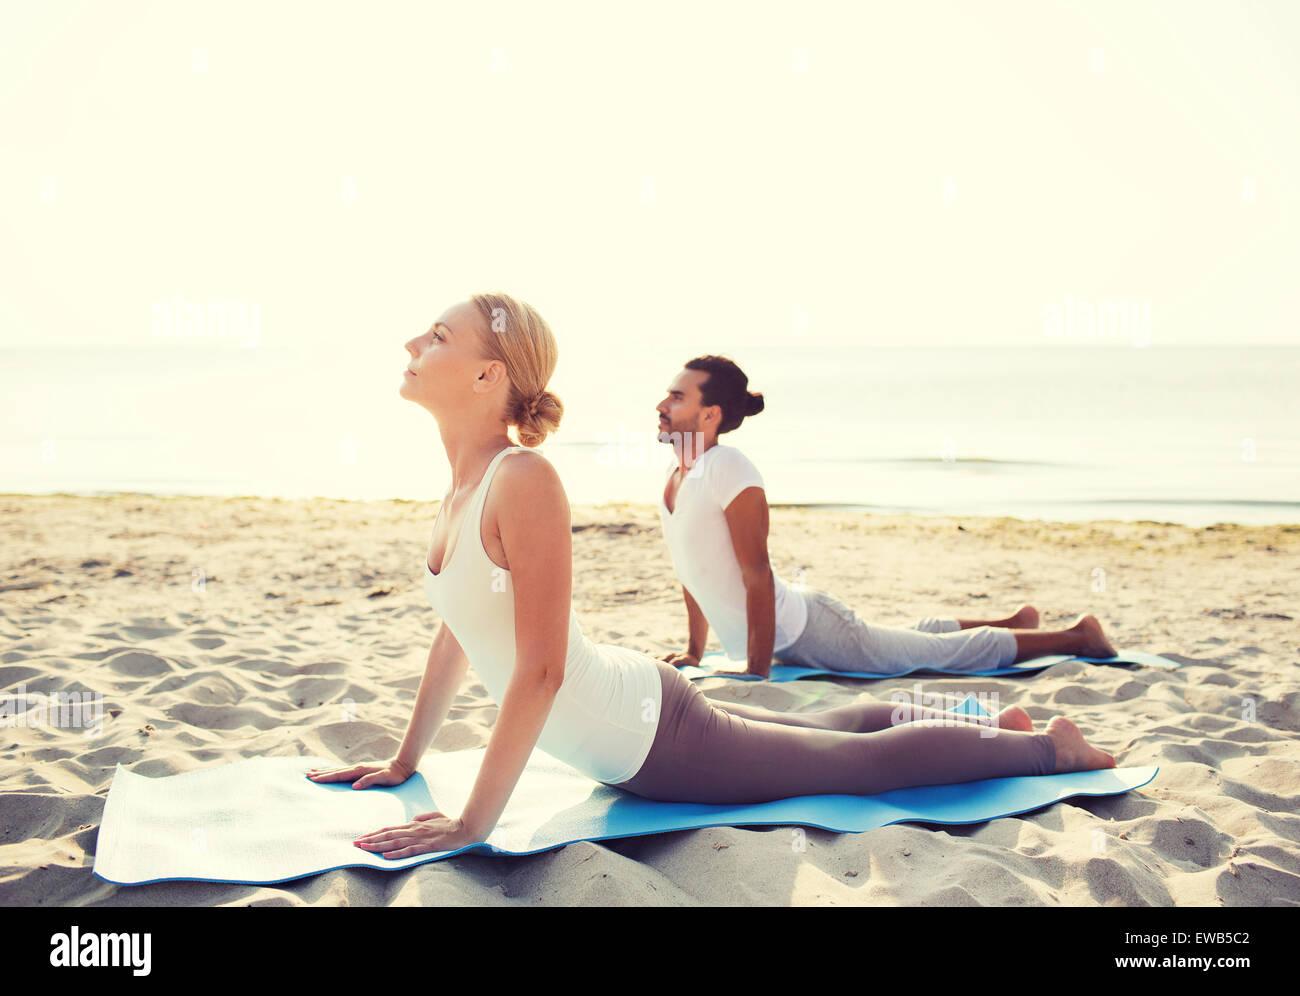 Pareja haciendo ejercicios de yoga al aire libre Imagen De Stock